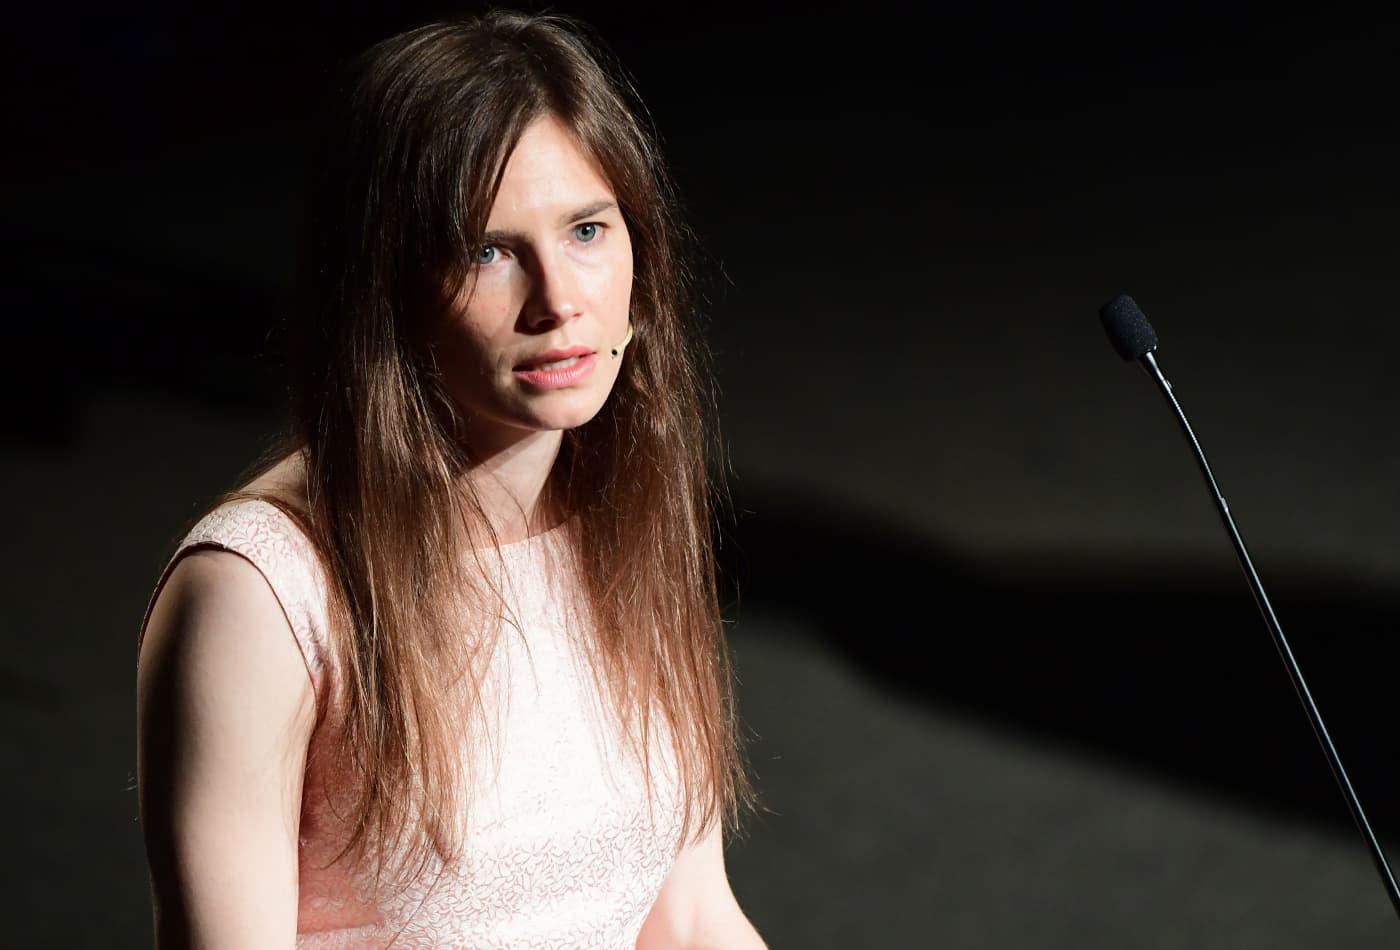 Amanda Knox slams 'Stillwater' movie in powerful essay